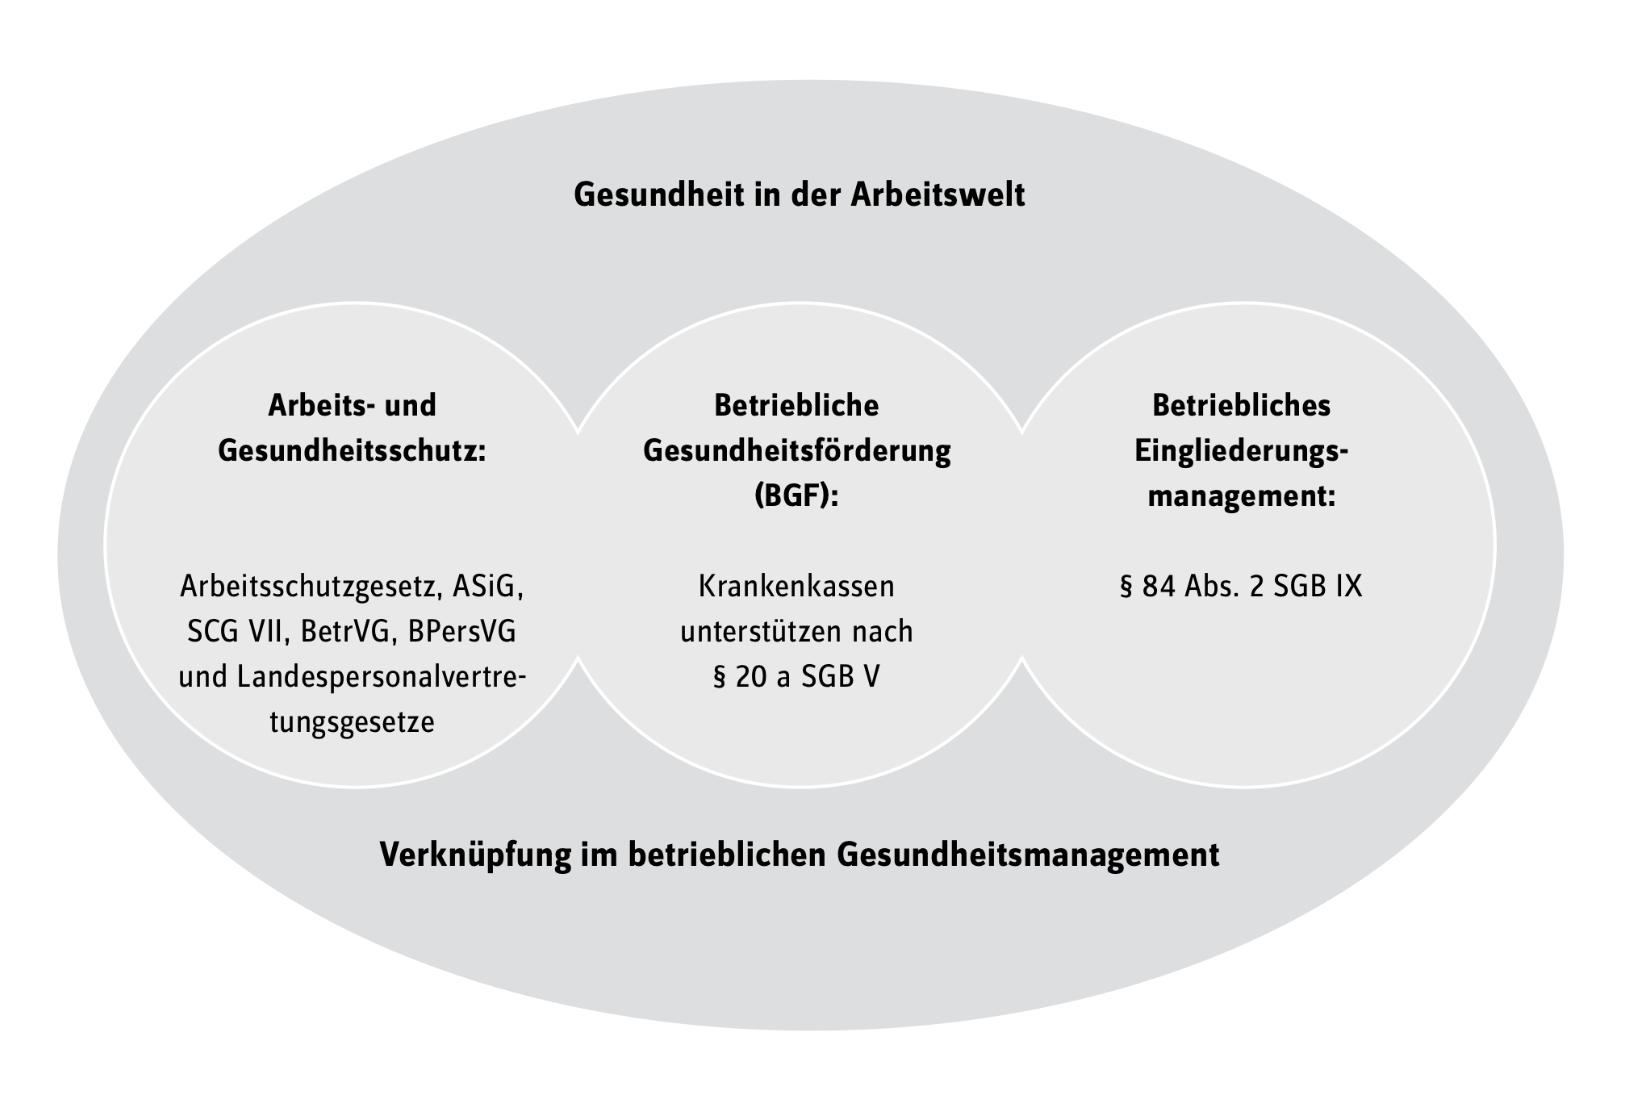 Quelle: Siemens BKK